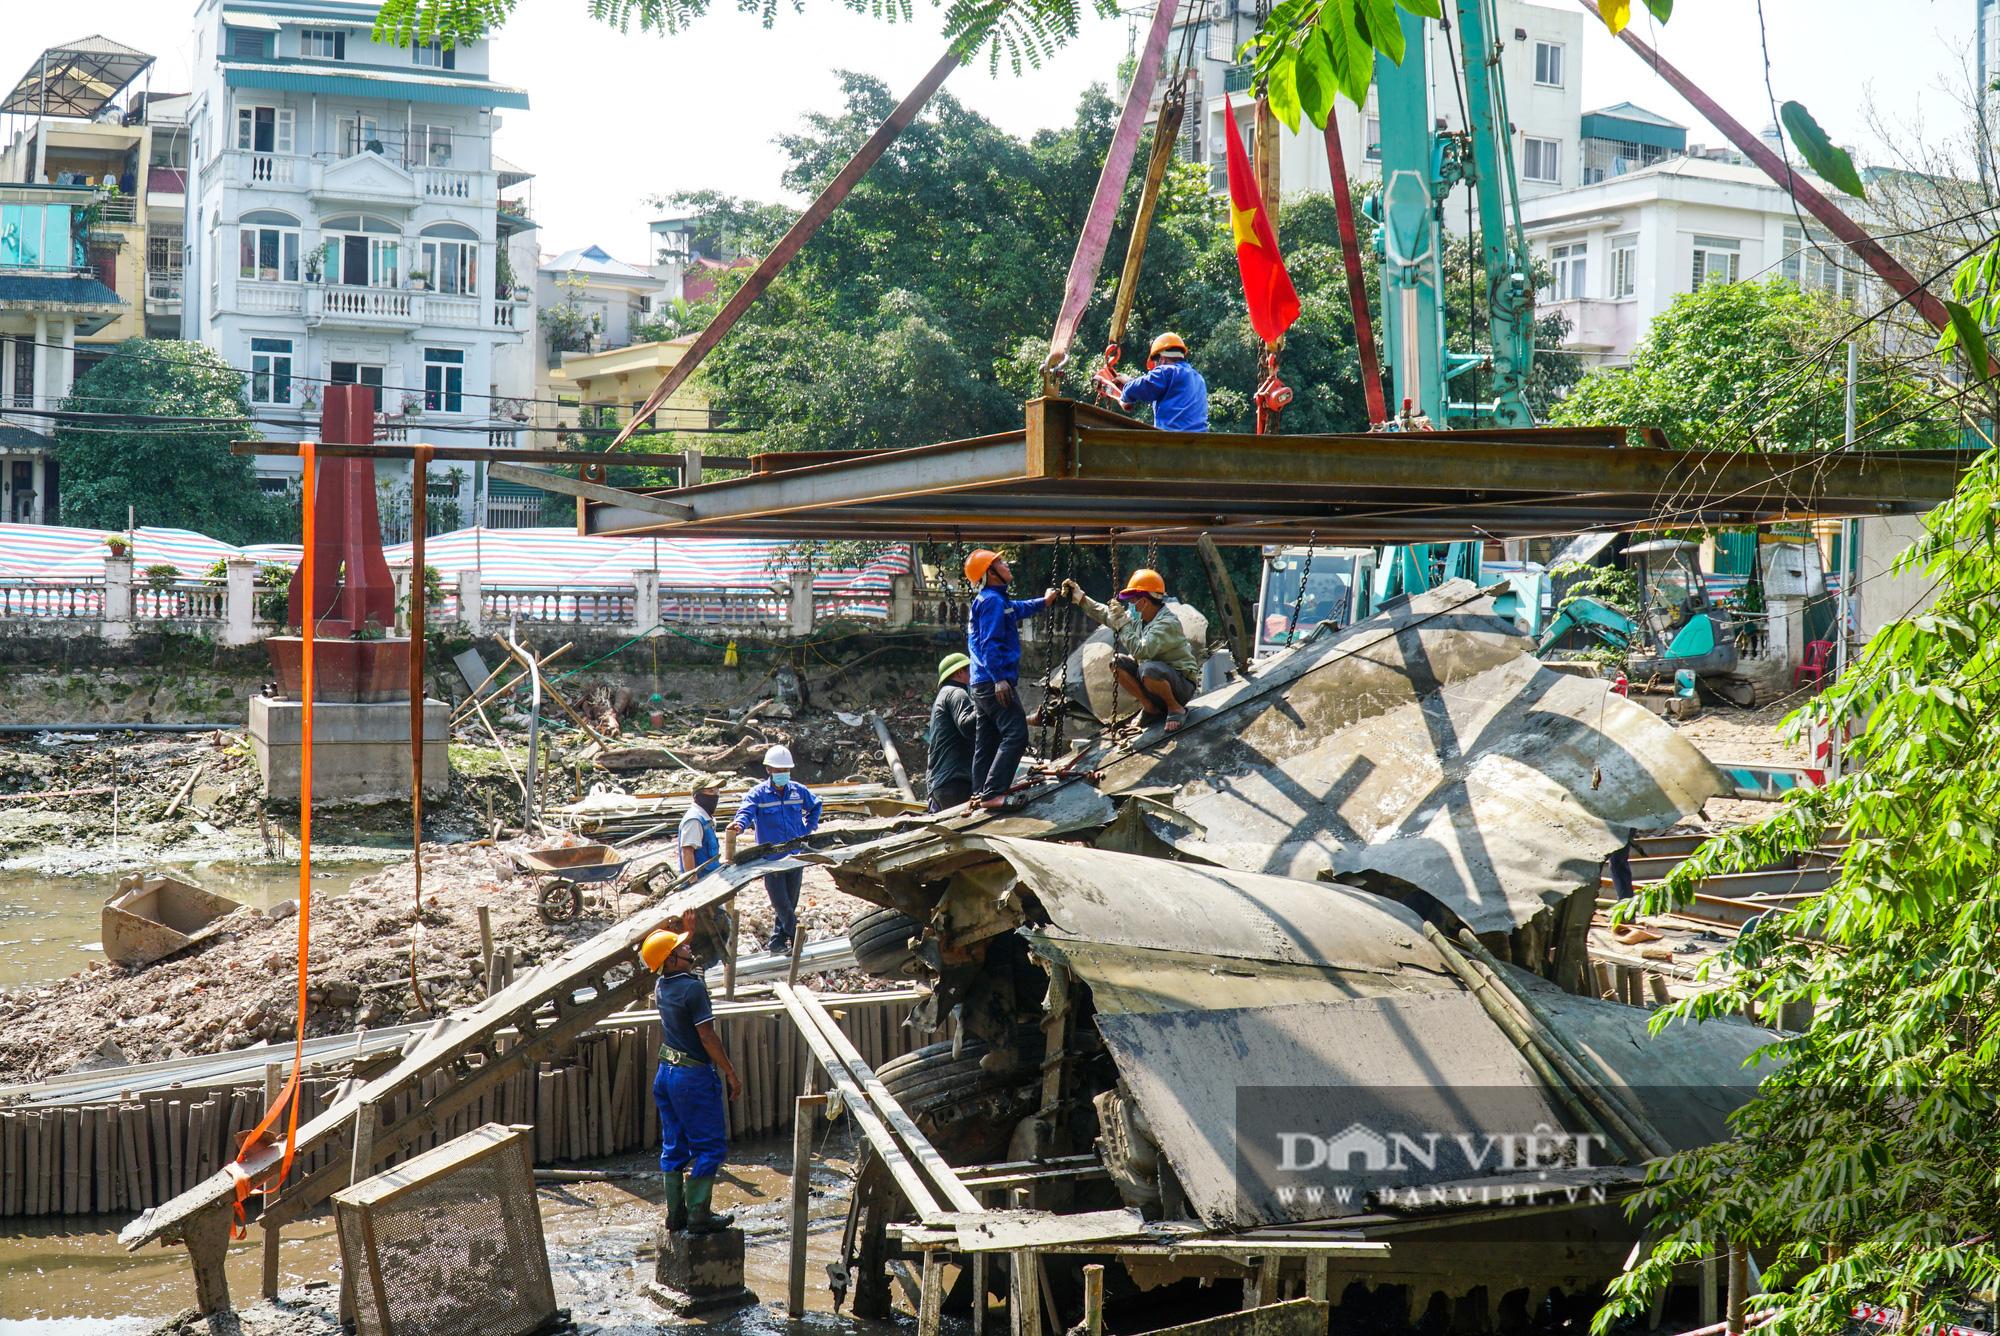 Pháo đài B52 dưới lòng hồ Hà Nội được nhấc bổng lên bờ để tu sửa - Ảnh 3.